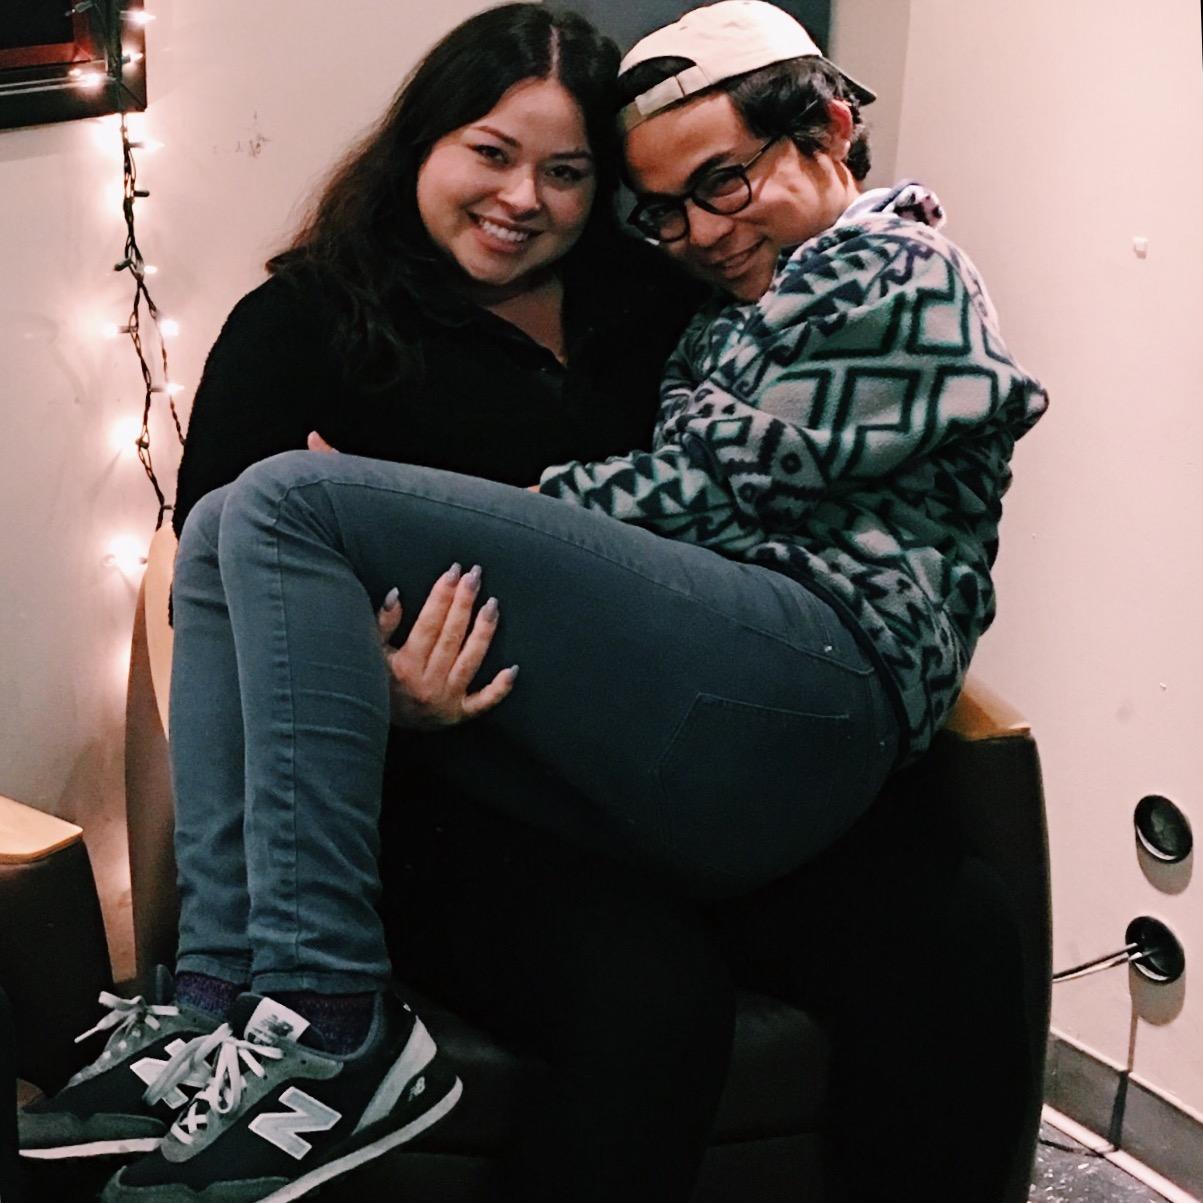 Daisy and Tony posing in the KCR studio.